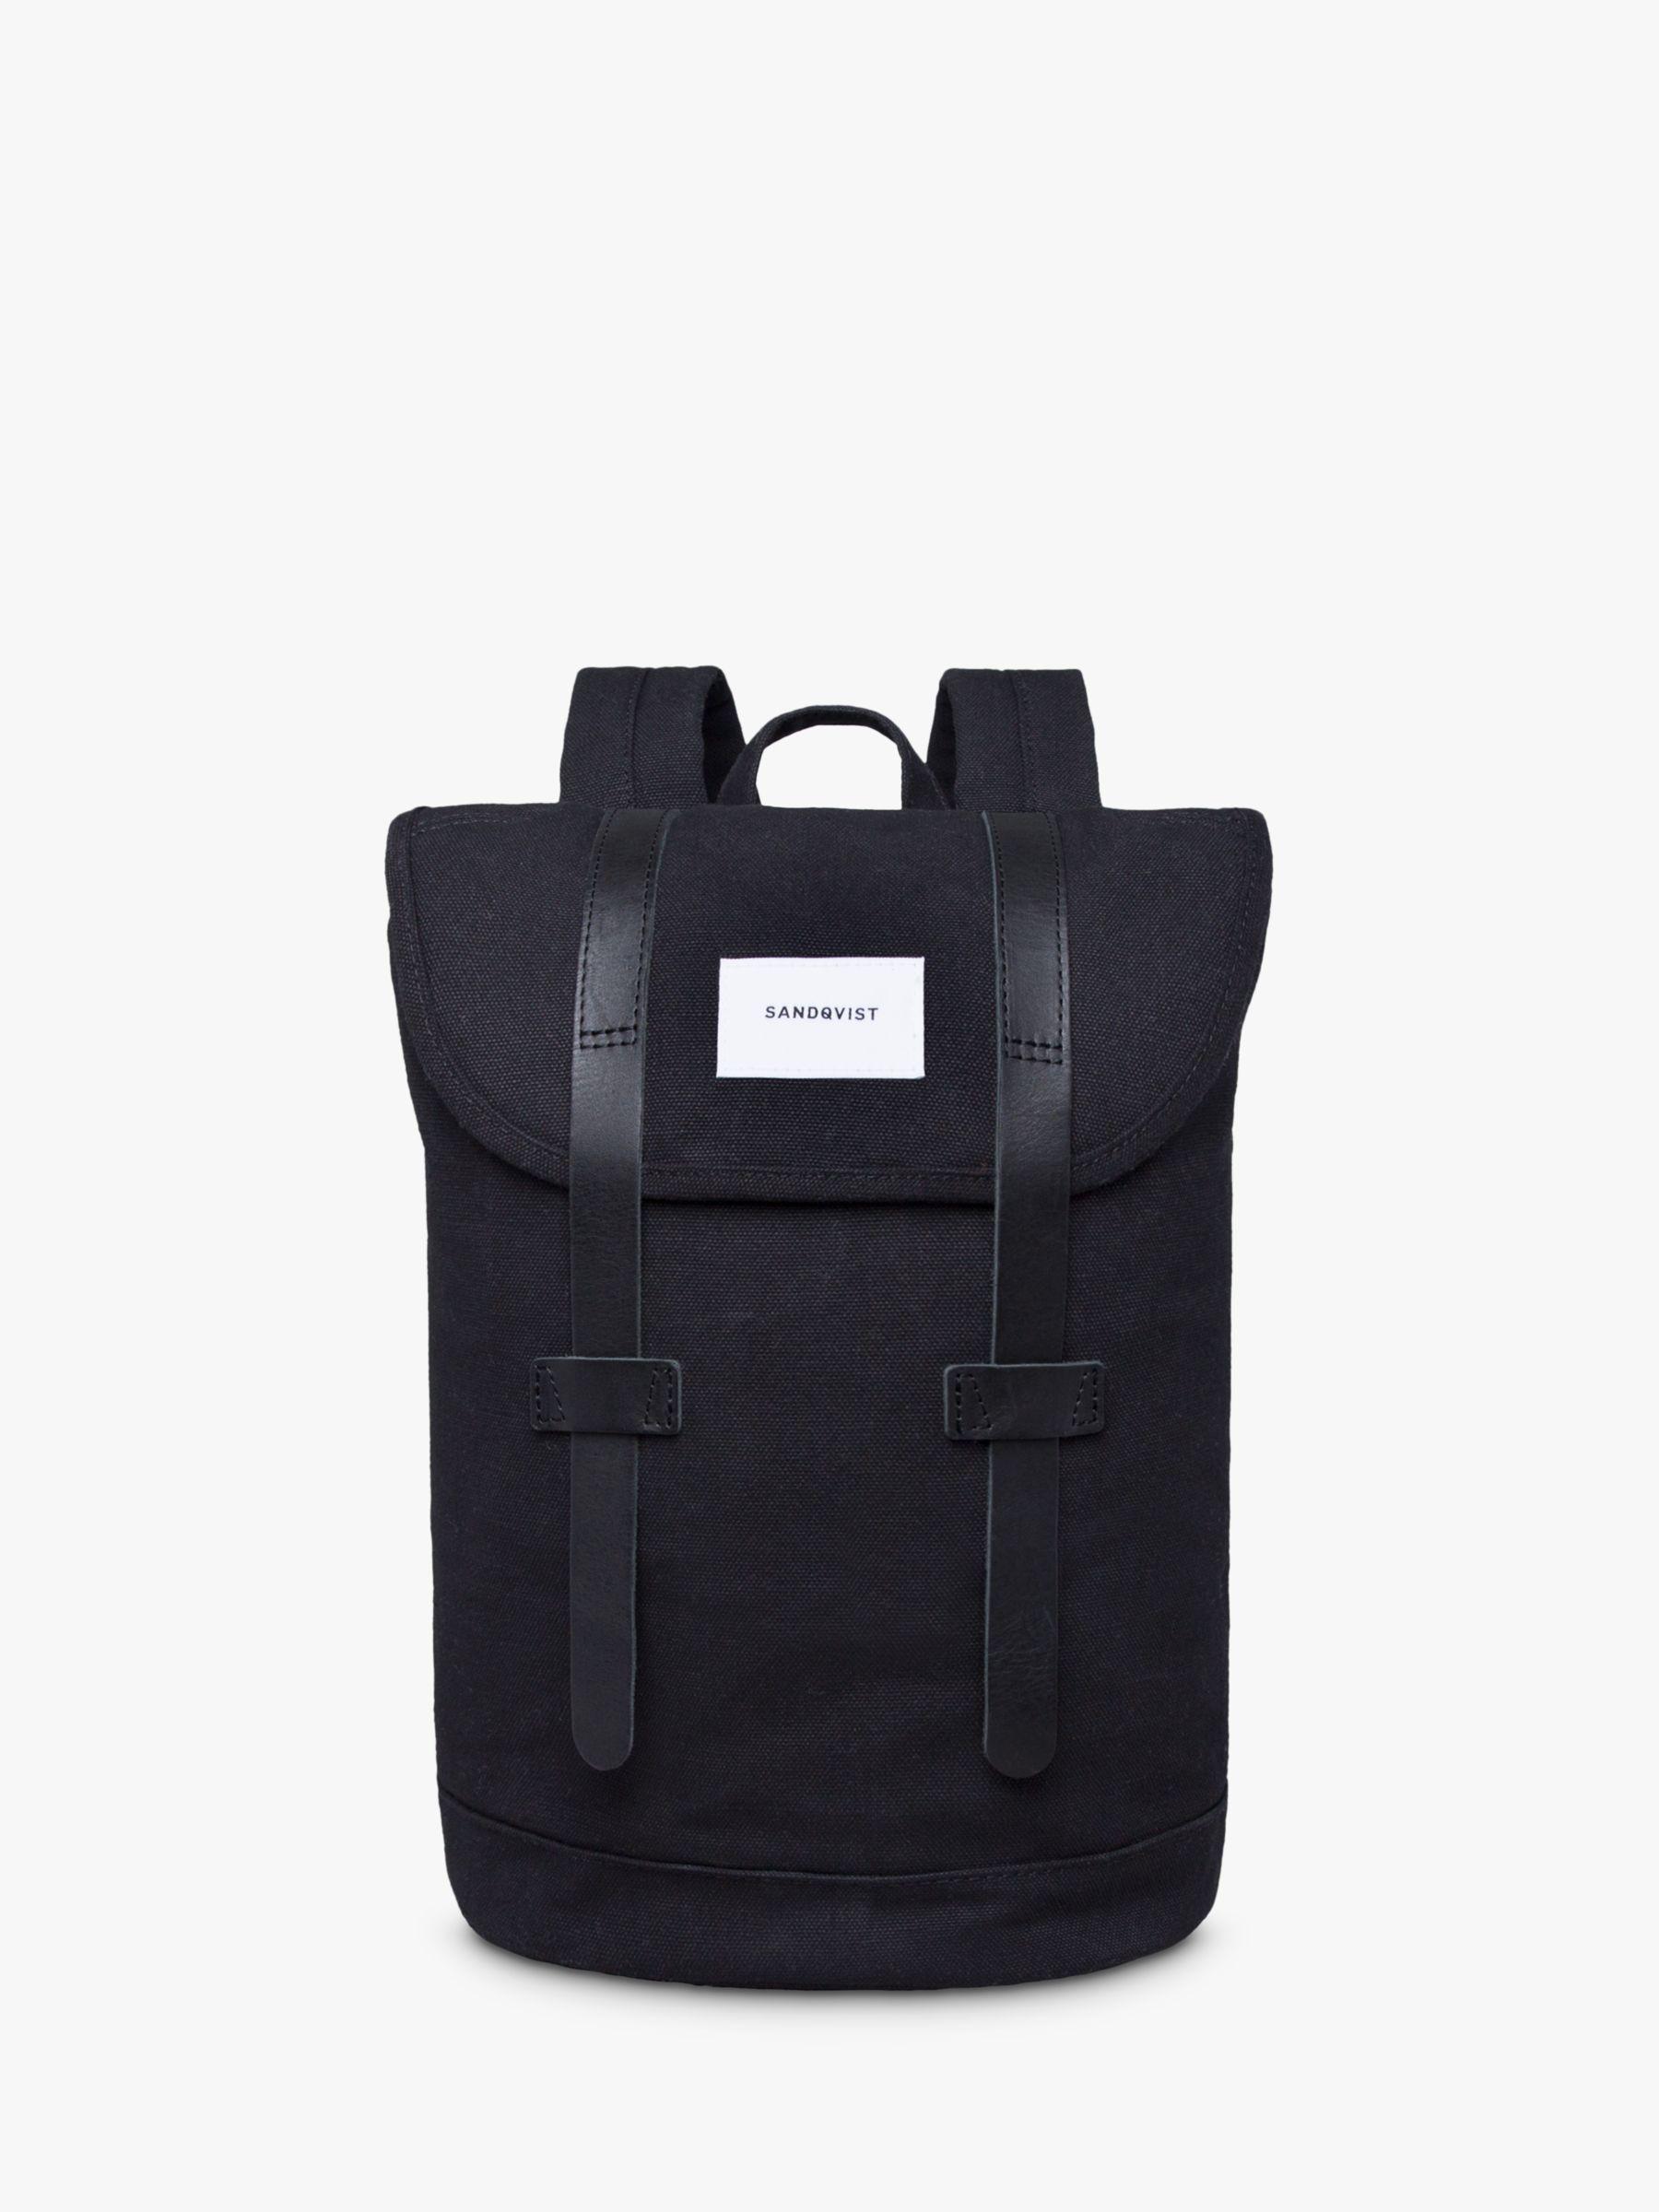 Sandqvist Sandqvist Stig Organic Cotton Backpack, Black